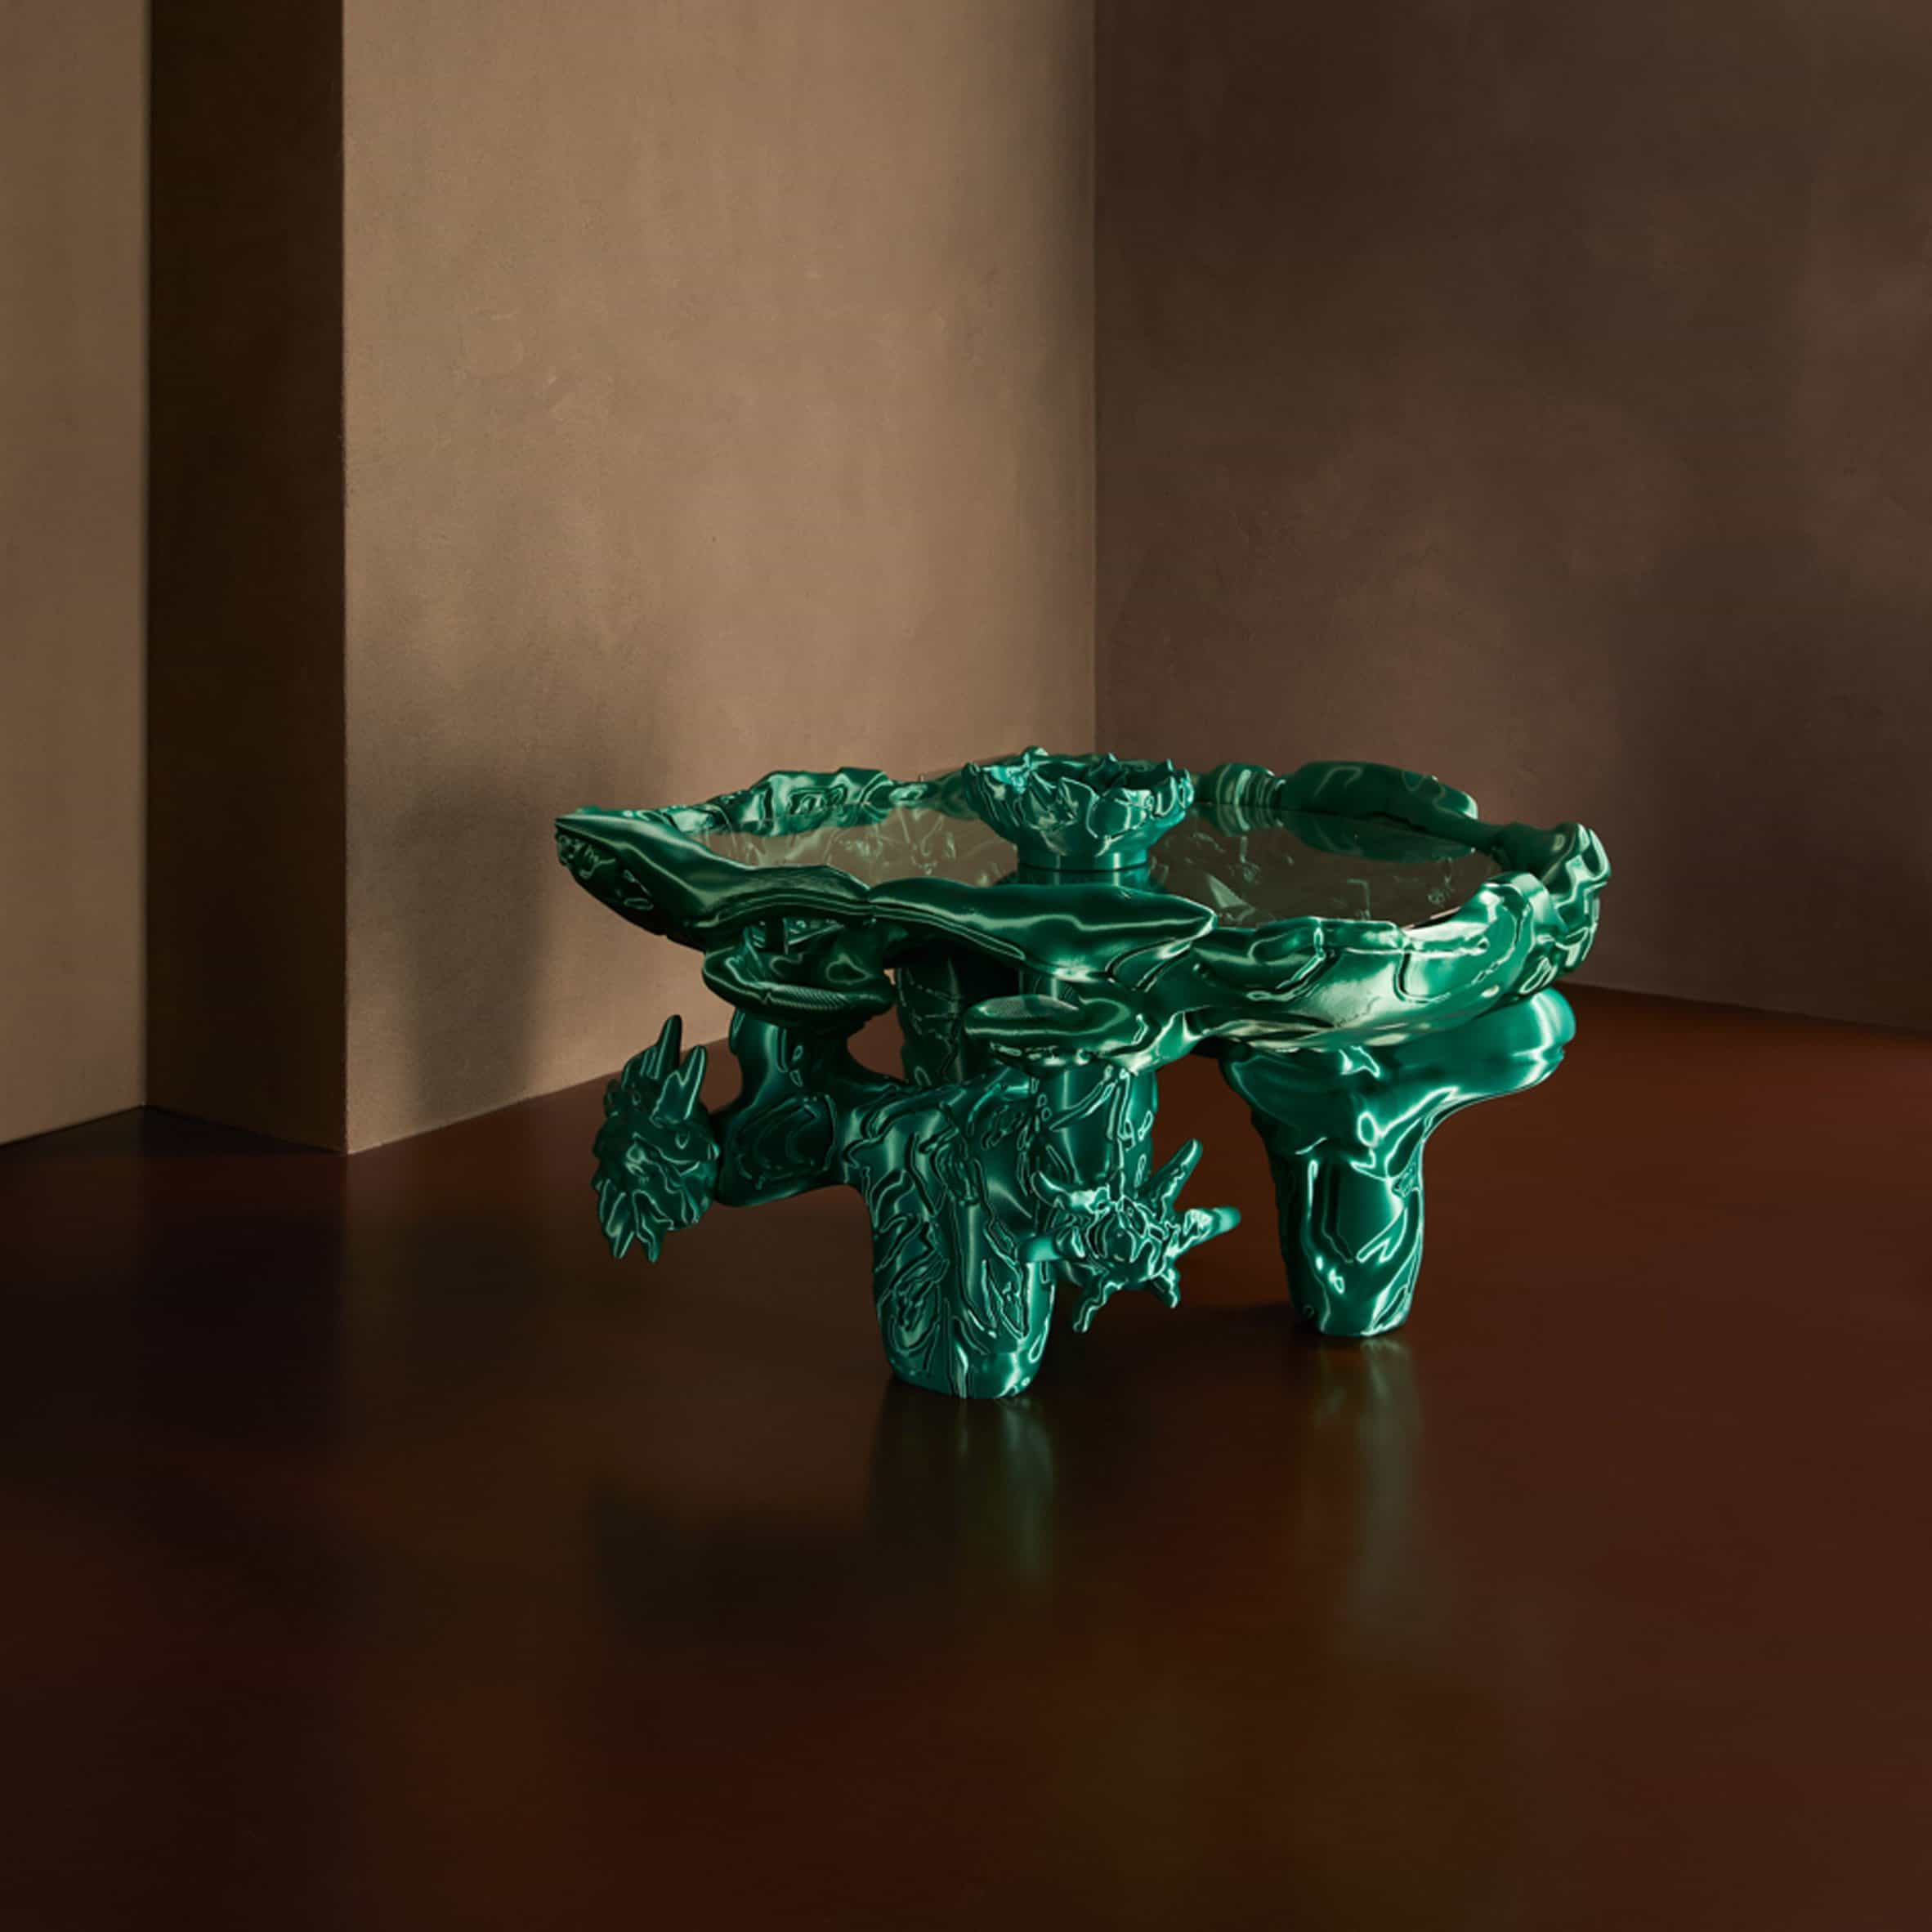 Audrey Large diseña esculturas impresas en 3D informadas por gráficos digitales